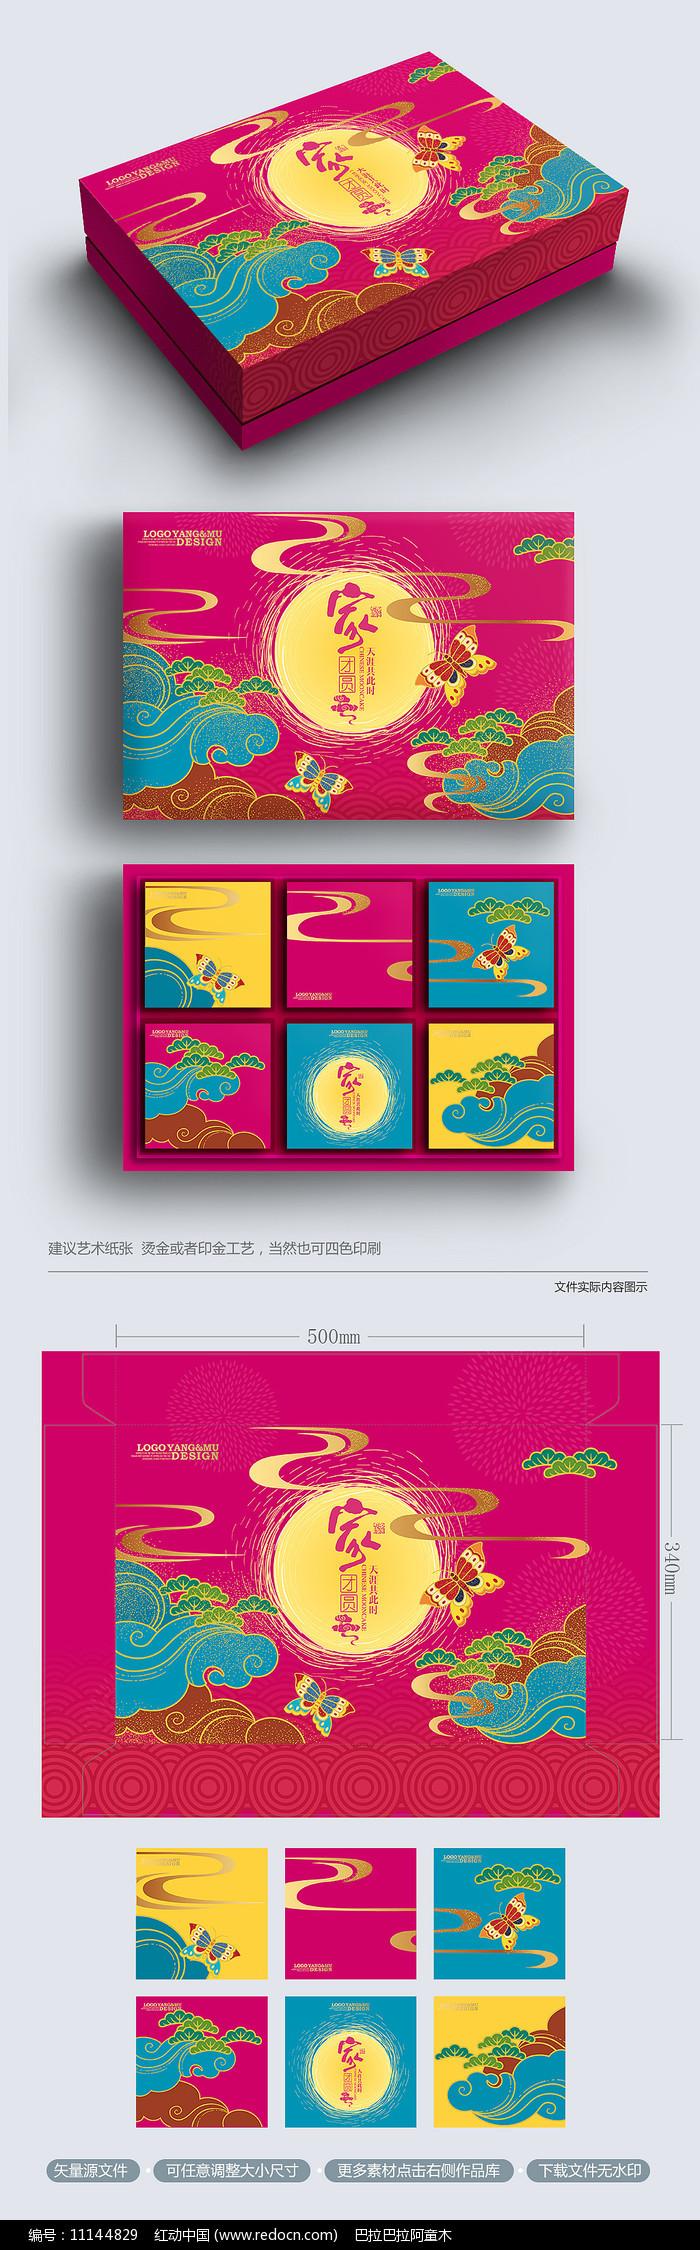 华丽唯美中秋月饼礼盒包装设计图片